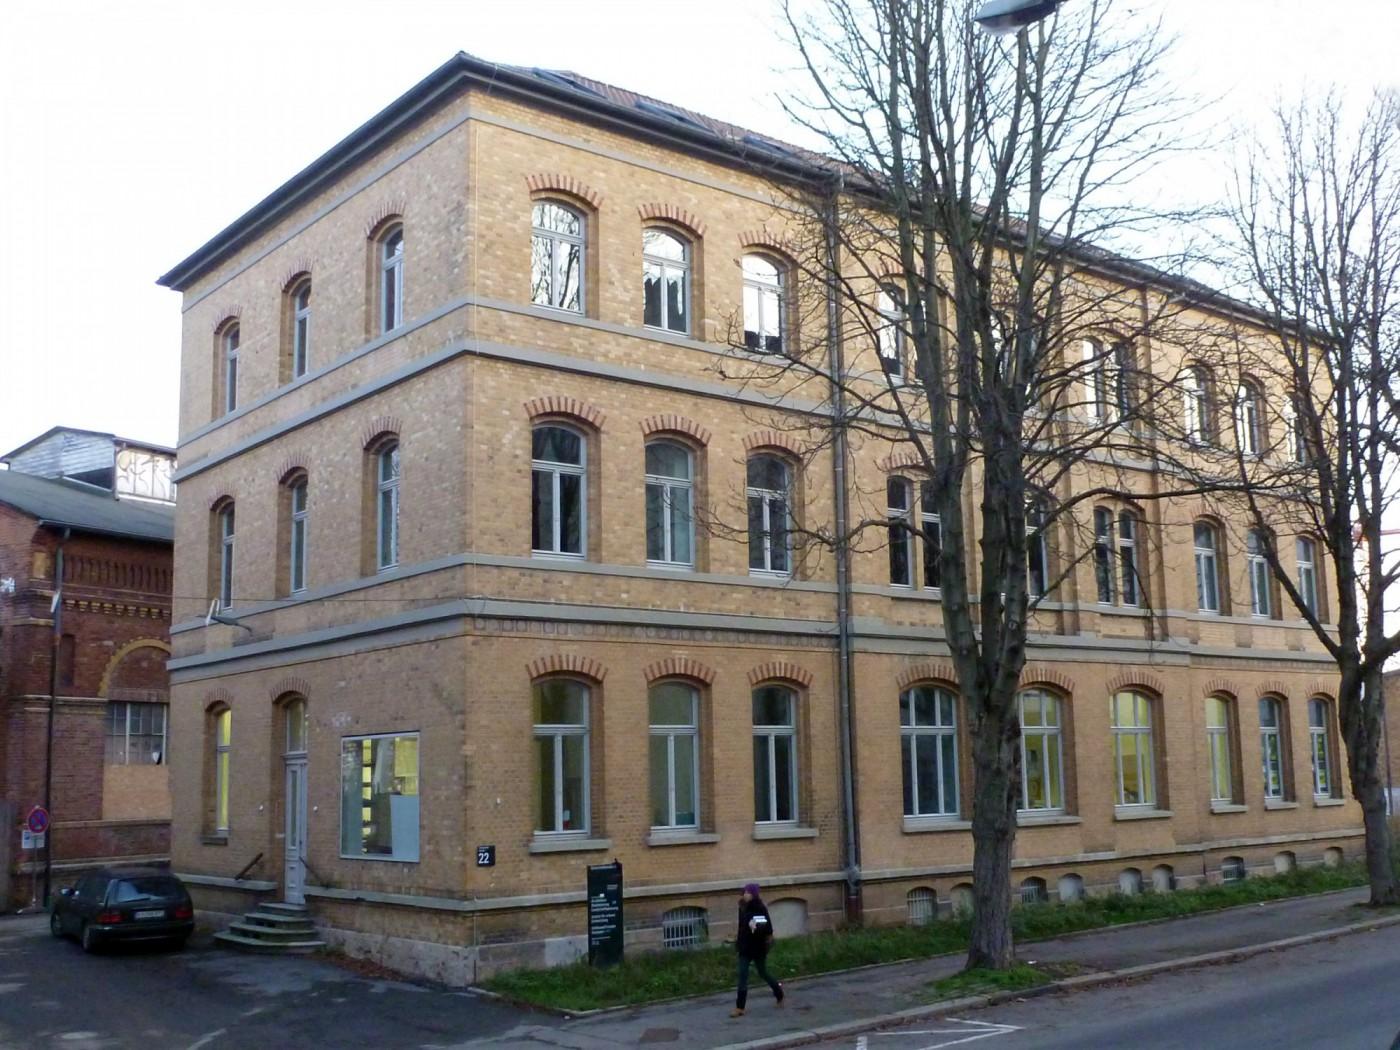 ww_Bildung_Torhaus A_Kassel_Copyright_Wenzel Wenzel_1